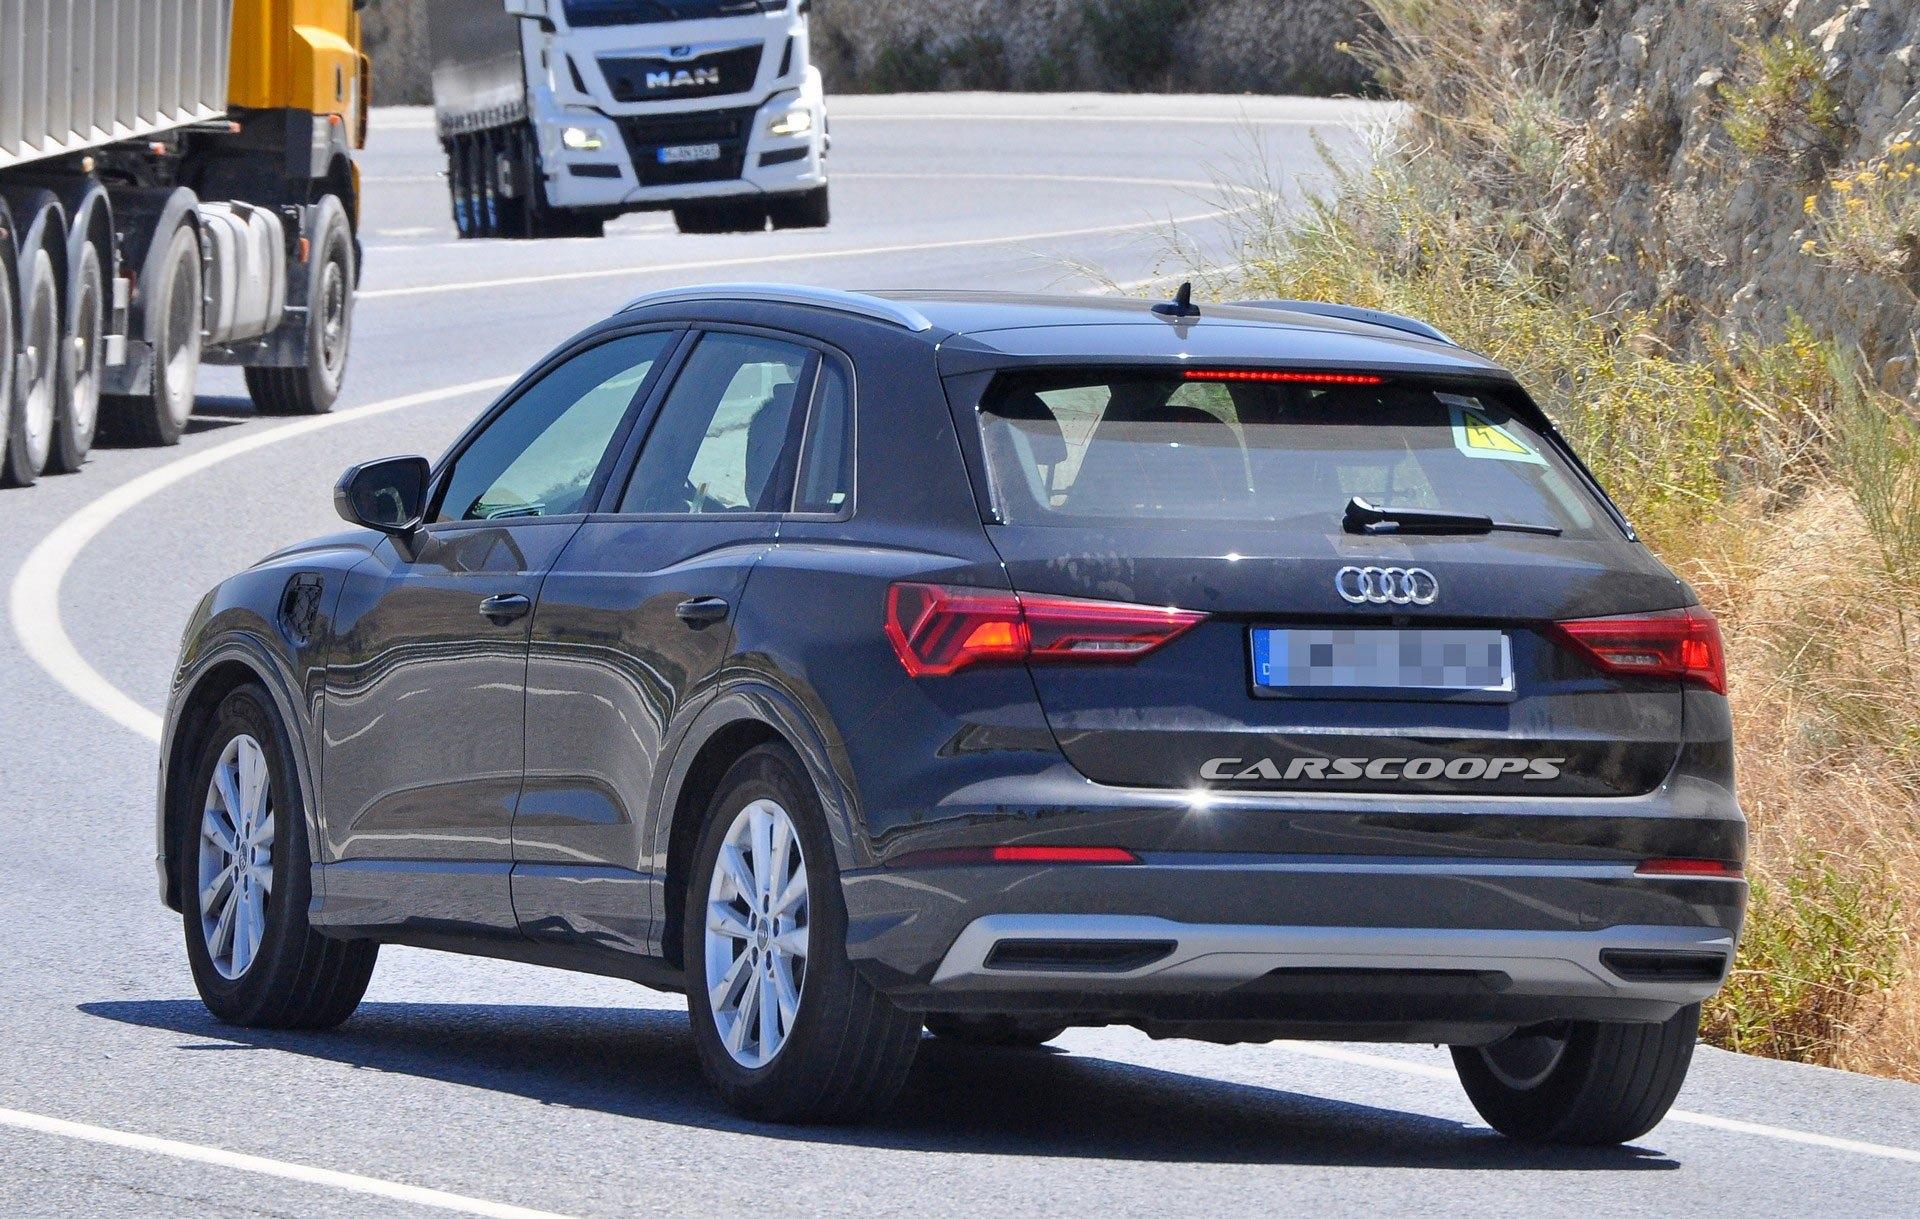 Un Audi Q3 Electrifie Dans Les Tuyaux